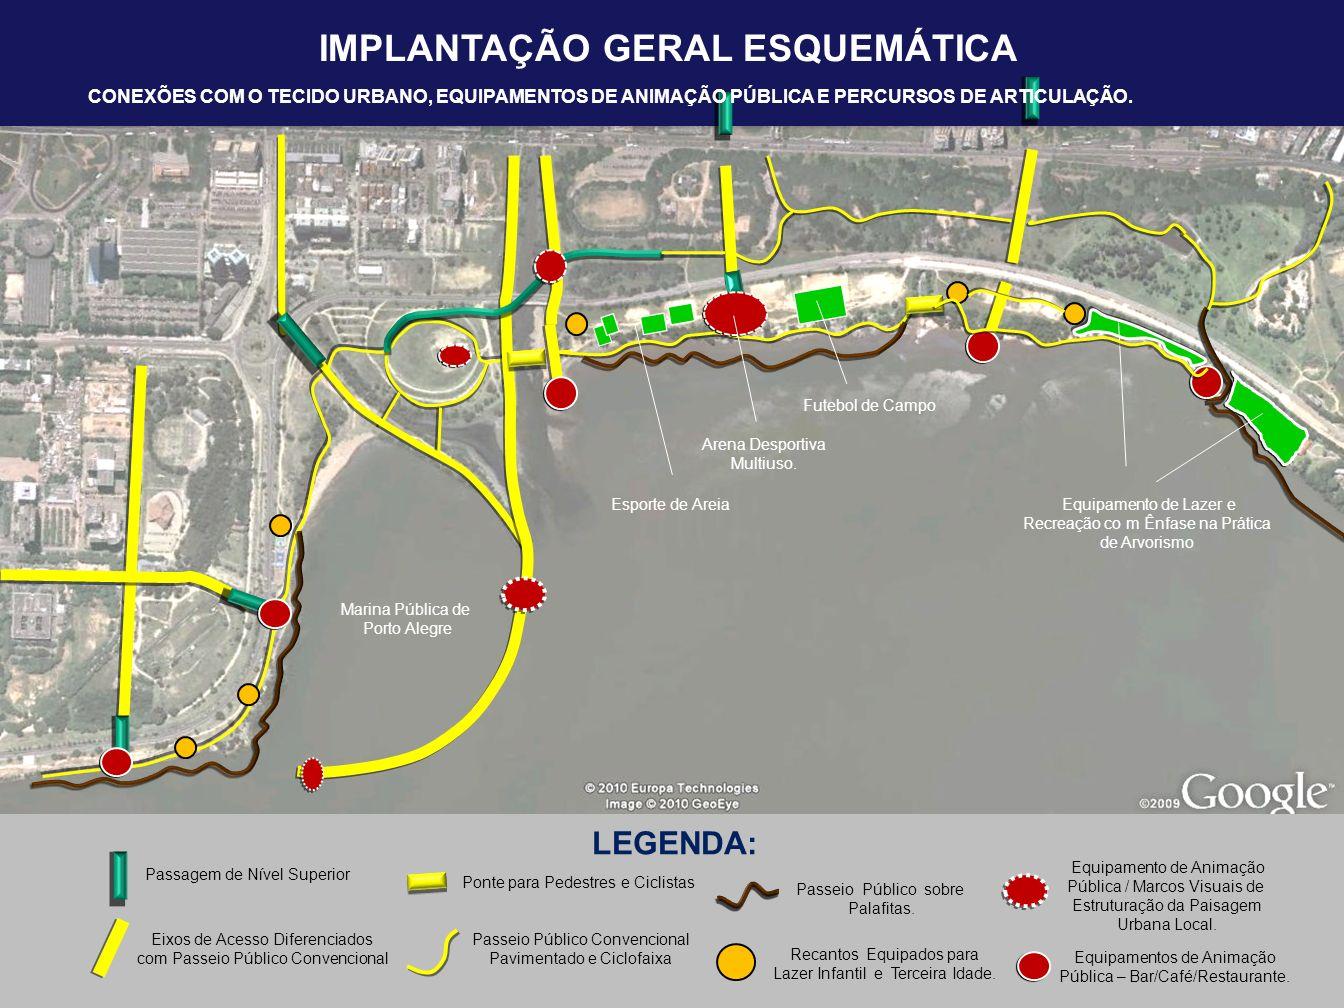 IMPLANTAÇÃO GERAL ESQUEMÁTICA LOCALIZAÇÃO PONTUAL DAS ÁREAS DE ESTACIONAMENTO.